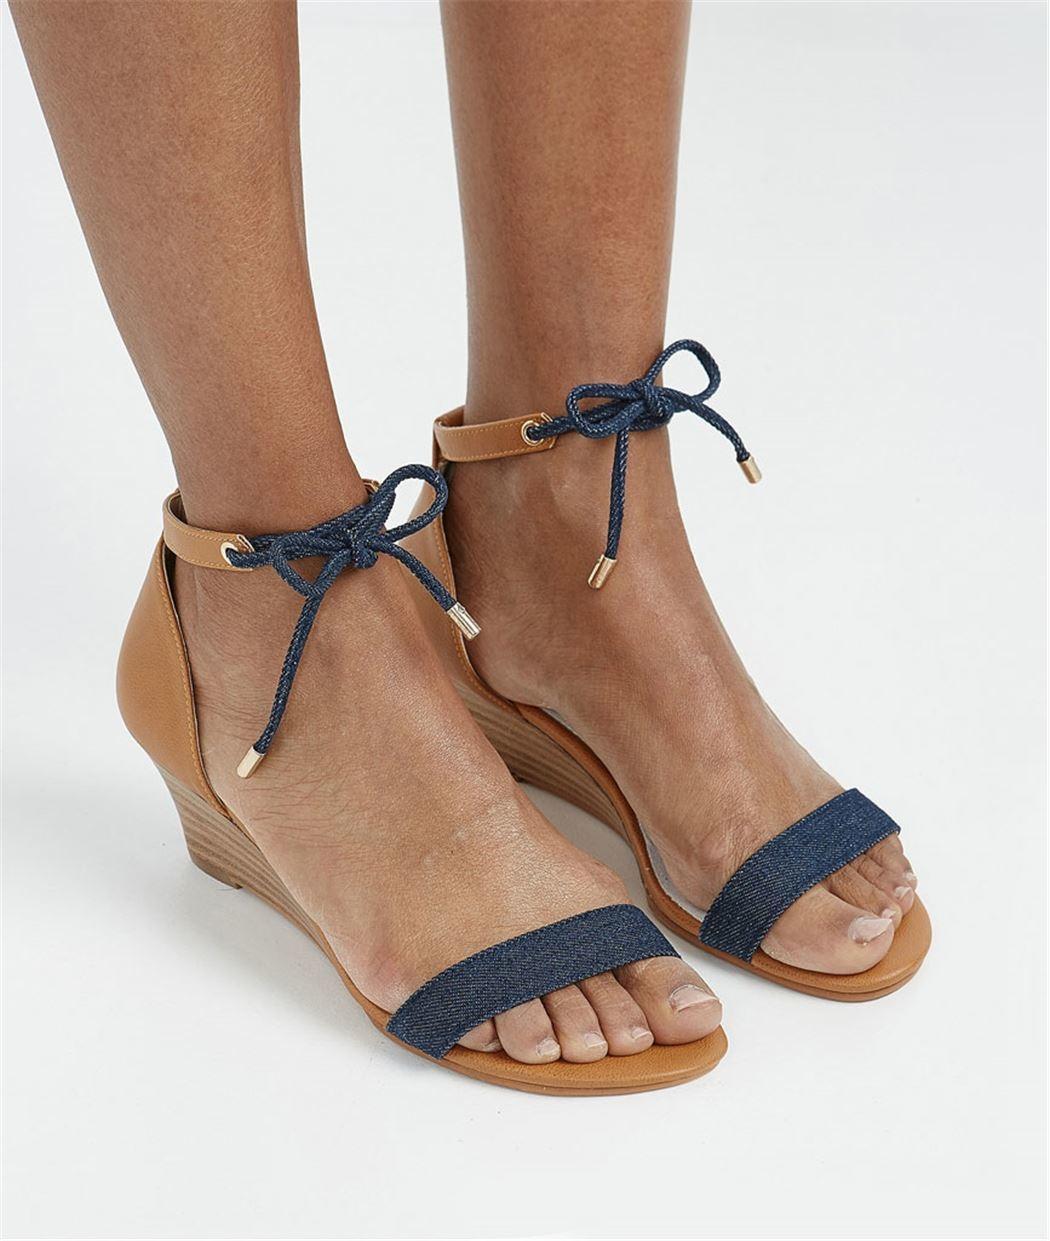 Image result for sandale femme